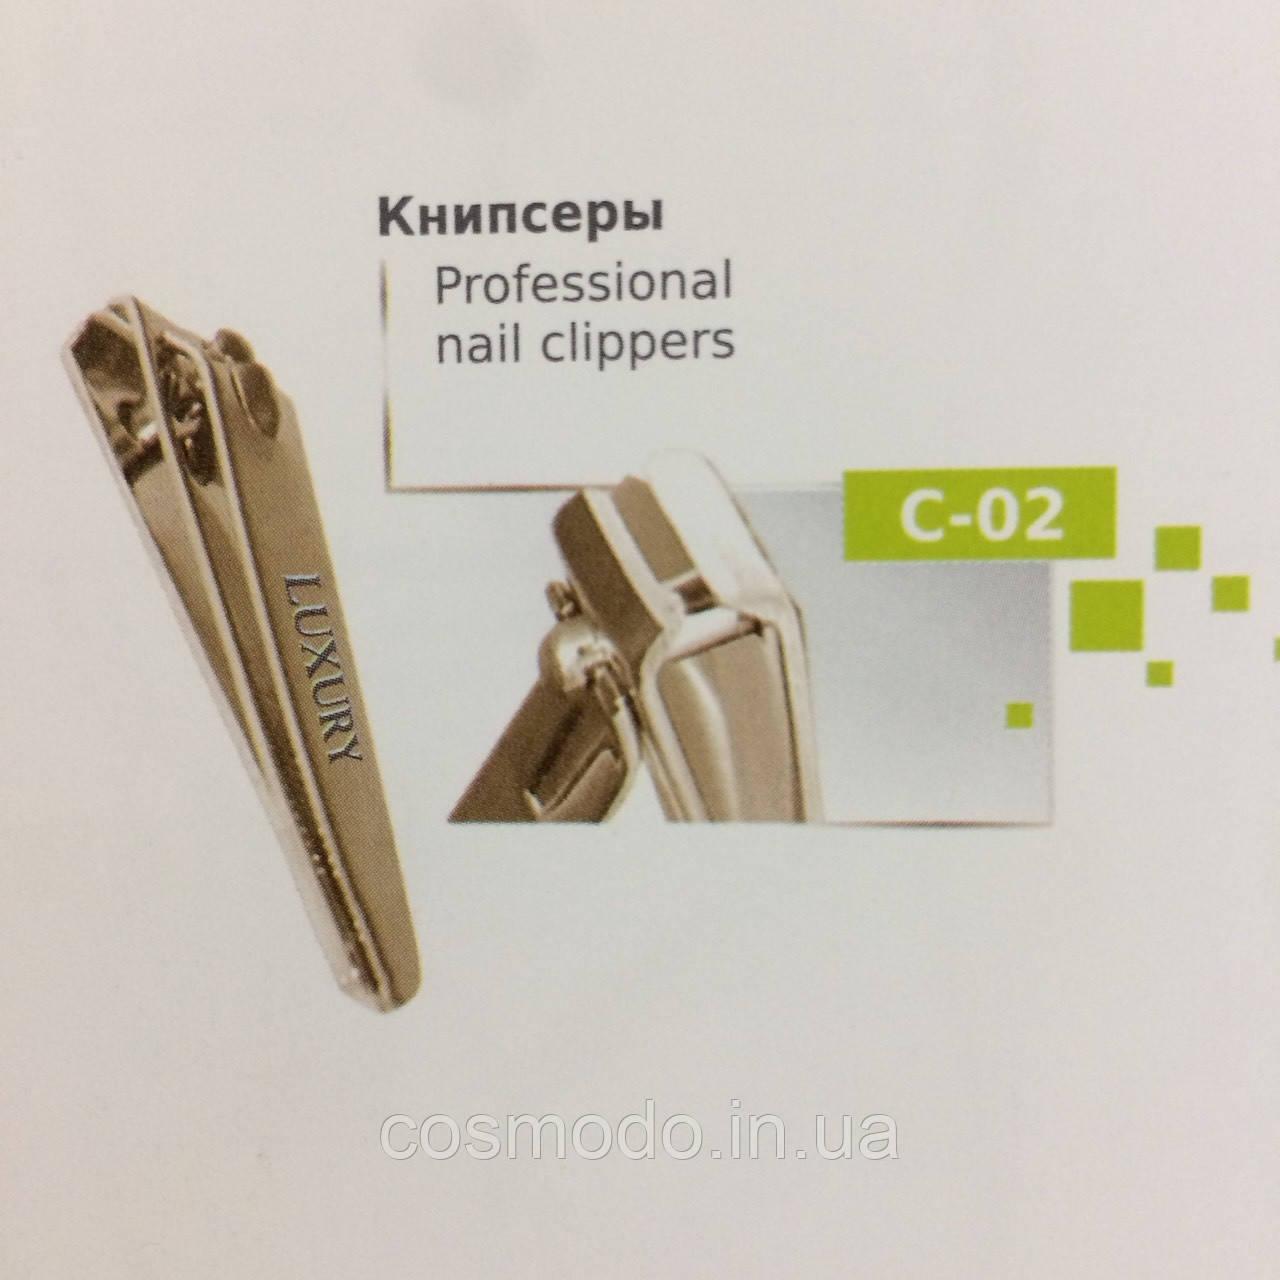 Книпсер для ногтей Luxury C-02